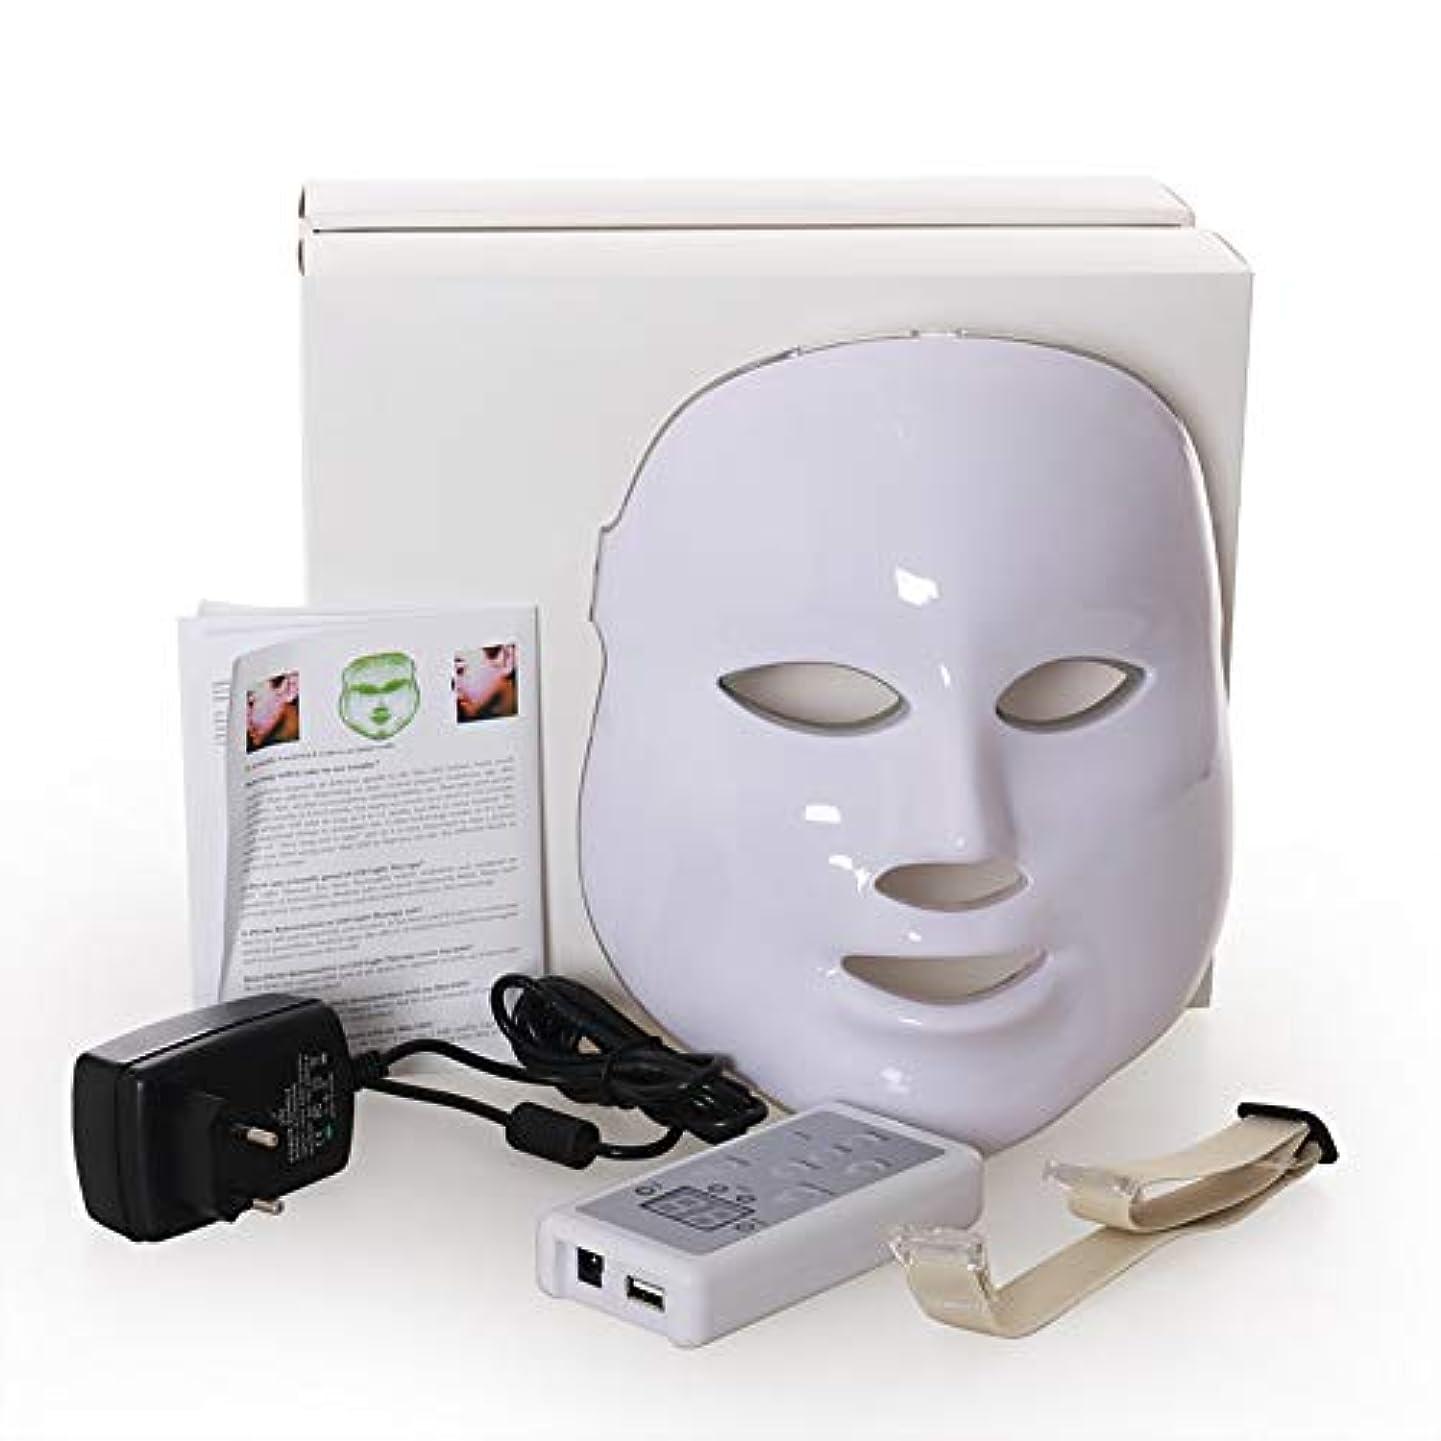 宙返り醸造所徹底的にLed のマスク、7色はしわ、にきび及び健康な皮の若返りのコラーゲン、反老化の美のマスクのための軽い療法の顔のスキンケアのマスクを導きました